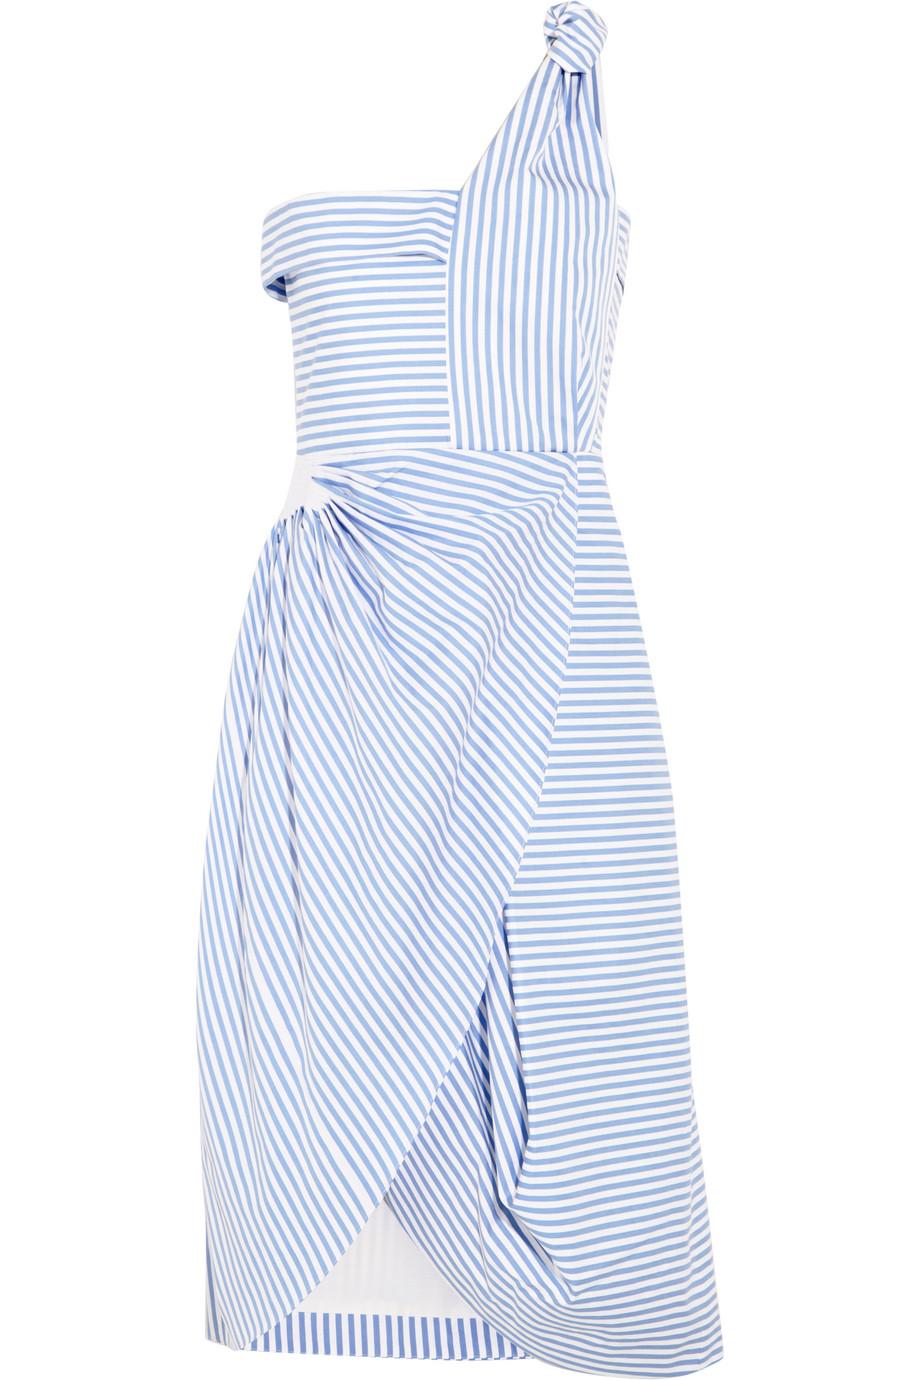 J.W.Anderson Asymmetric Striped Cotton-Poplin Dress, Light Blue, Women's, Size: 12